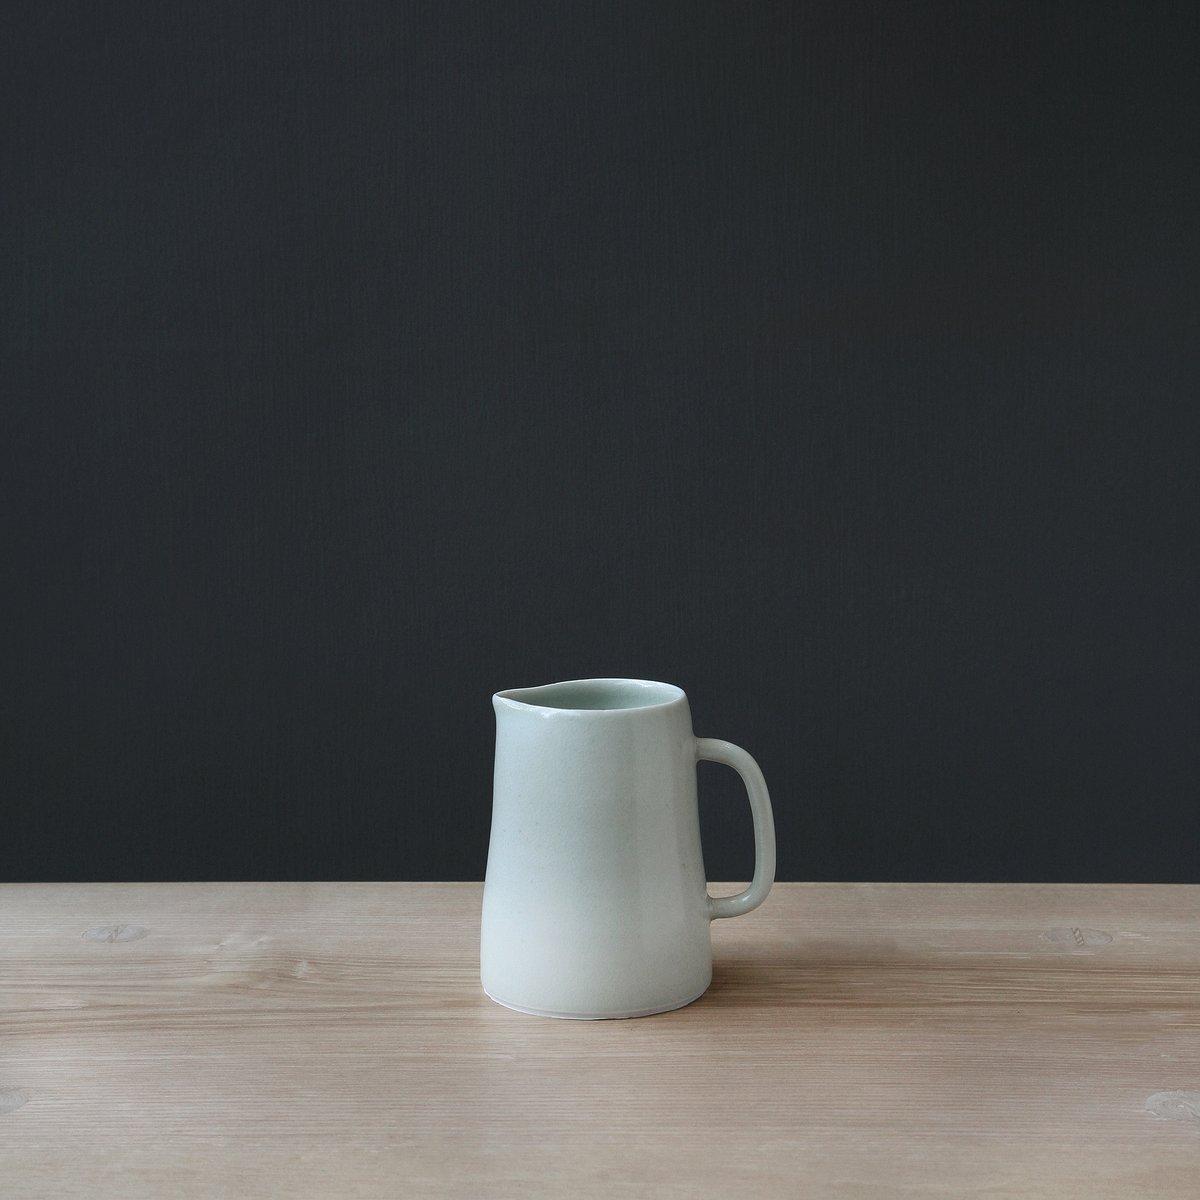 Image of Medium Green Crackle/Celadon Jug by Elaine Bolt